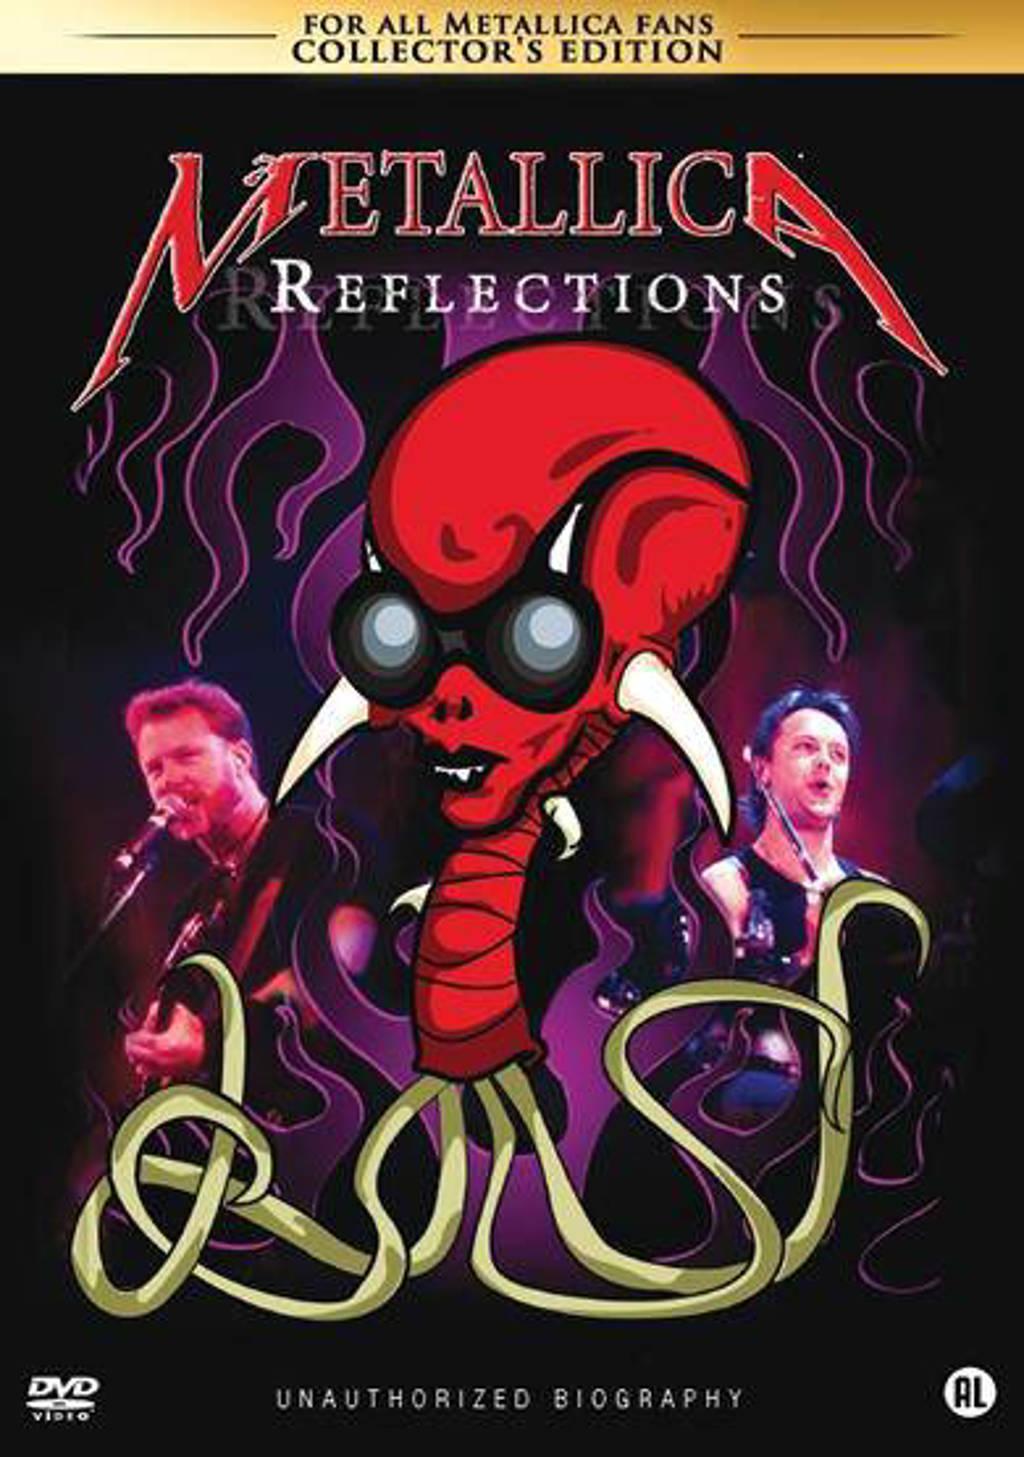 Metallica - Reflexions (DVD)